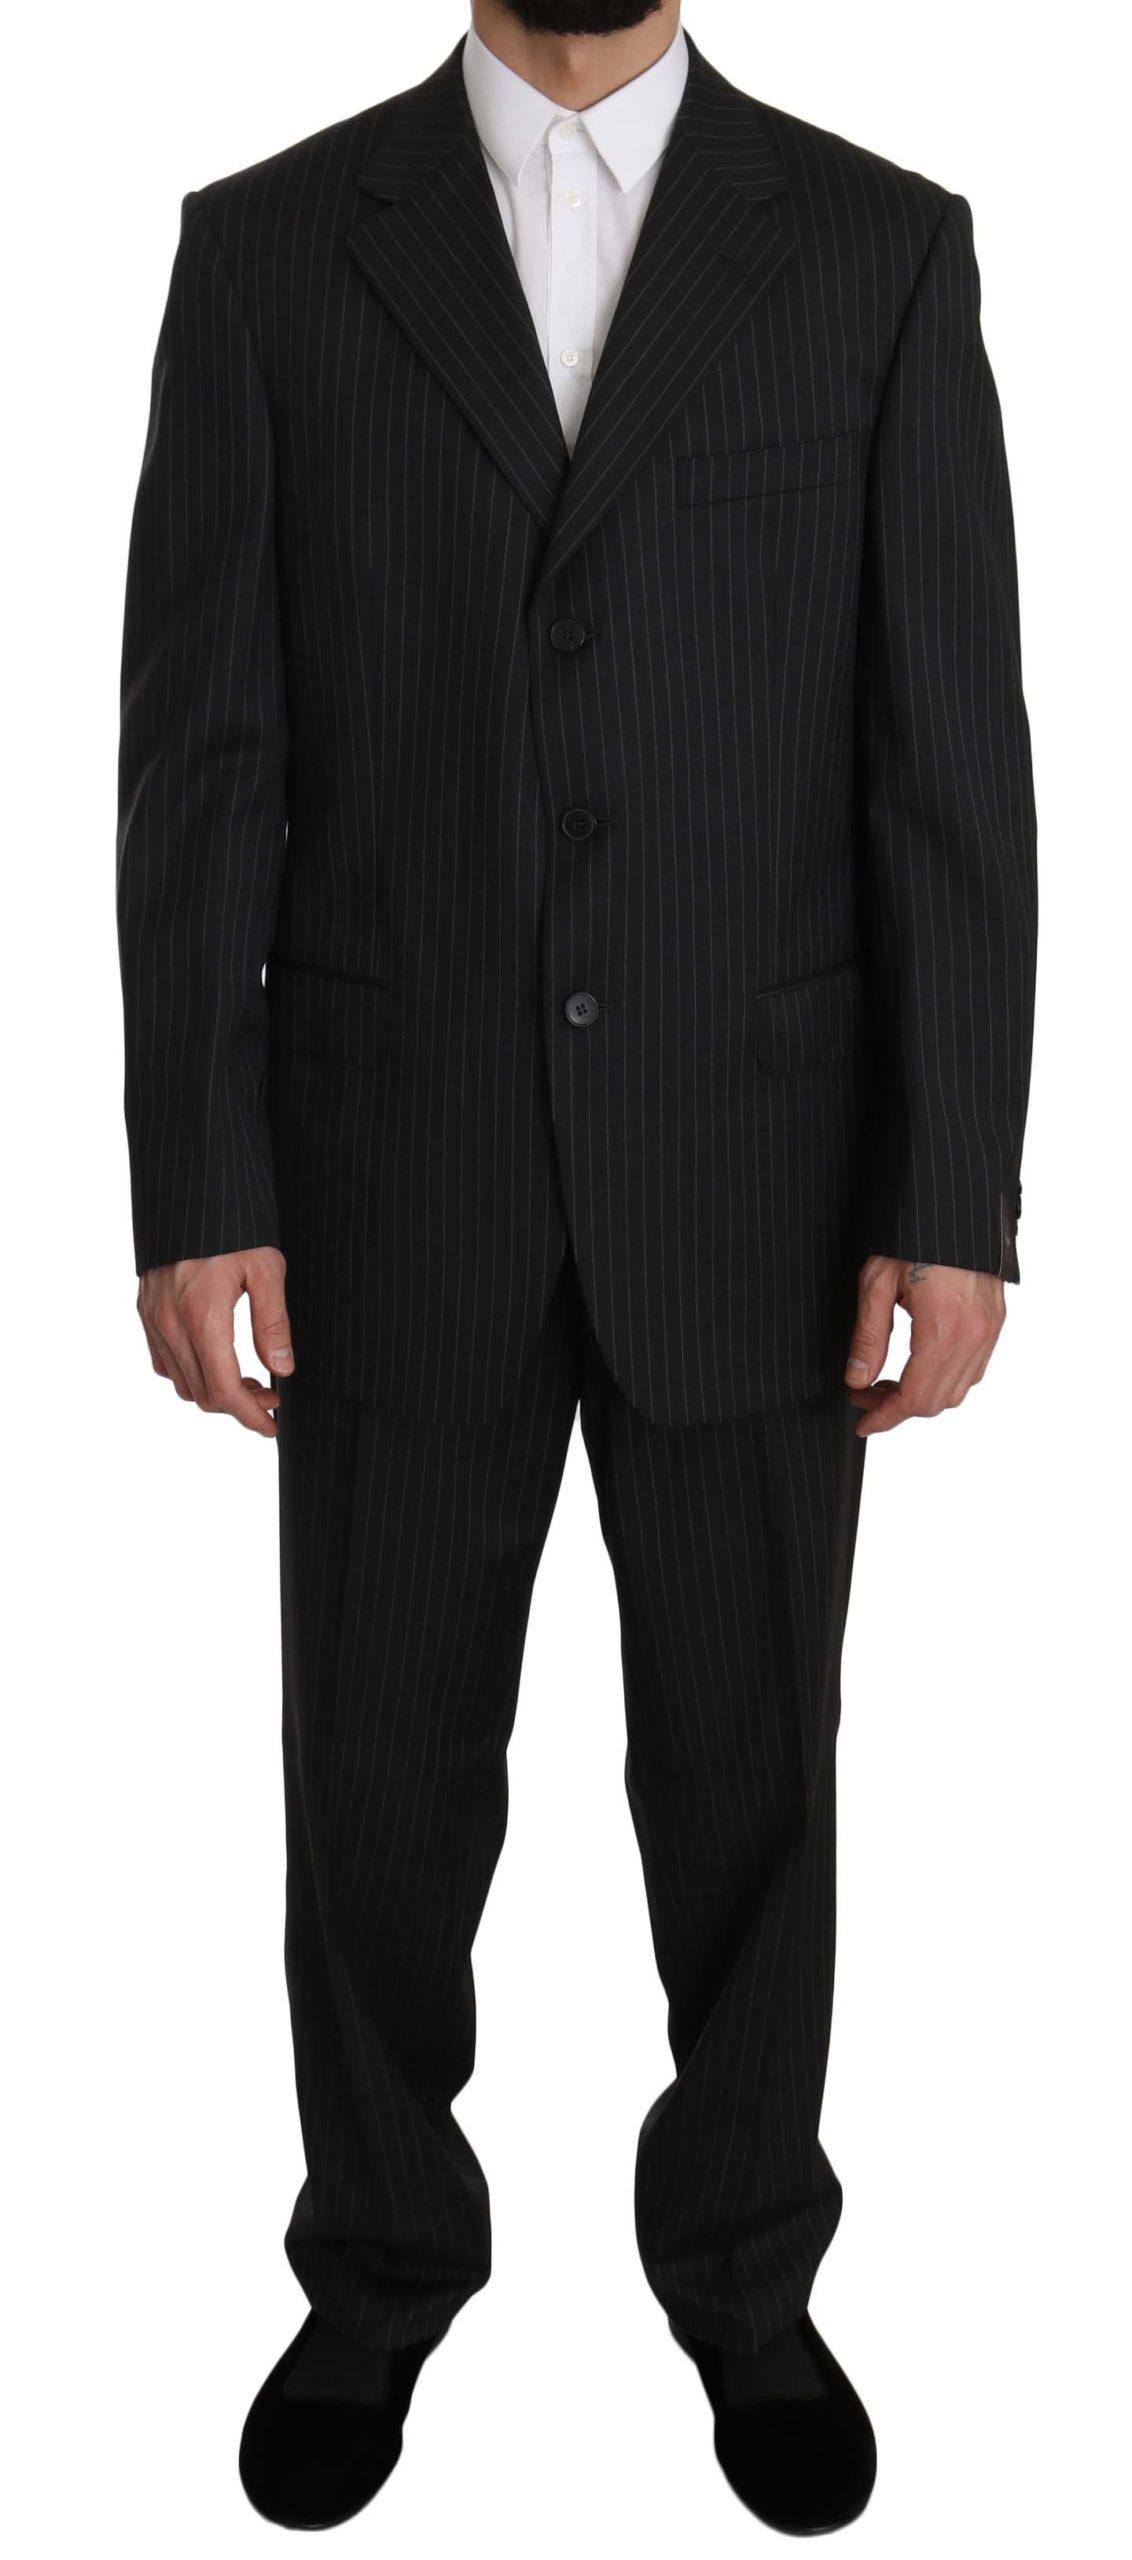 Z ZEGNA Men's Striped Two Piece Suit Black KOS1459 - IT52 | XL